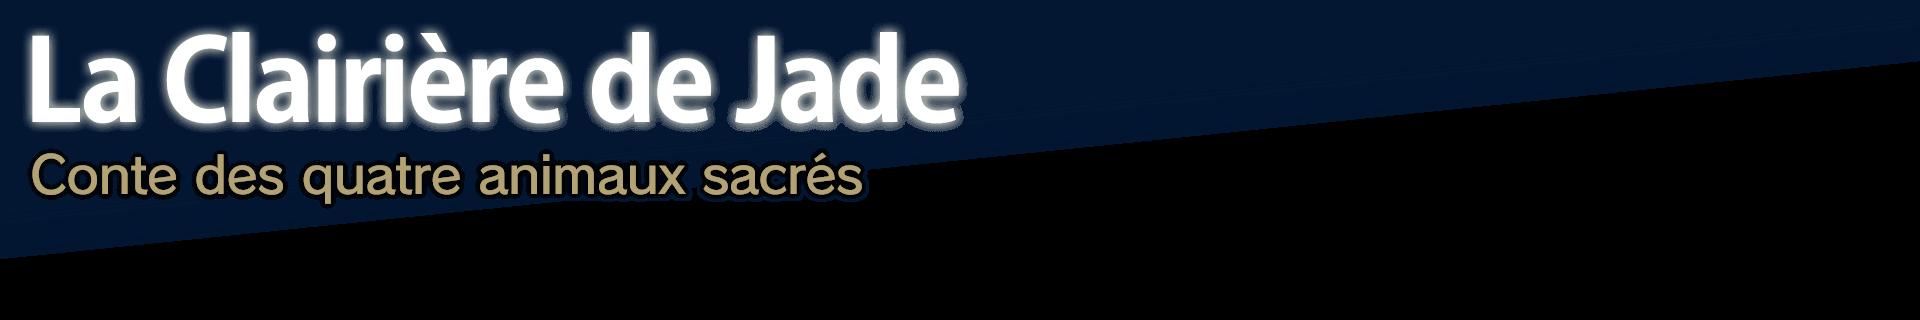 La Clairière de Jade  Conte des quatre animaux sacrés